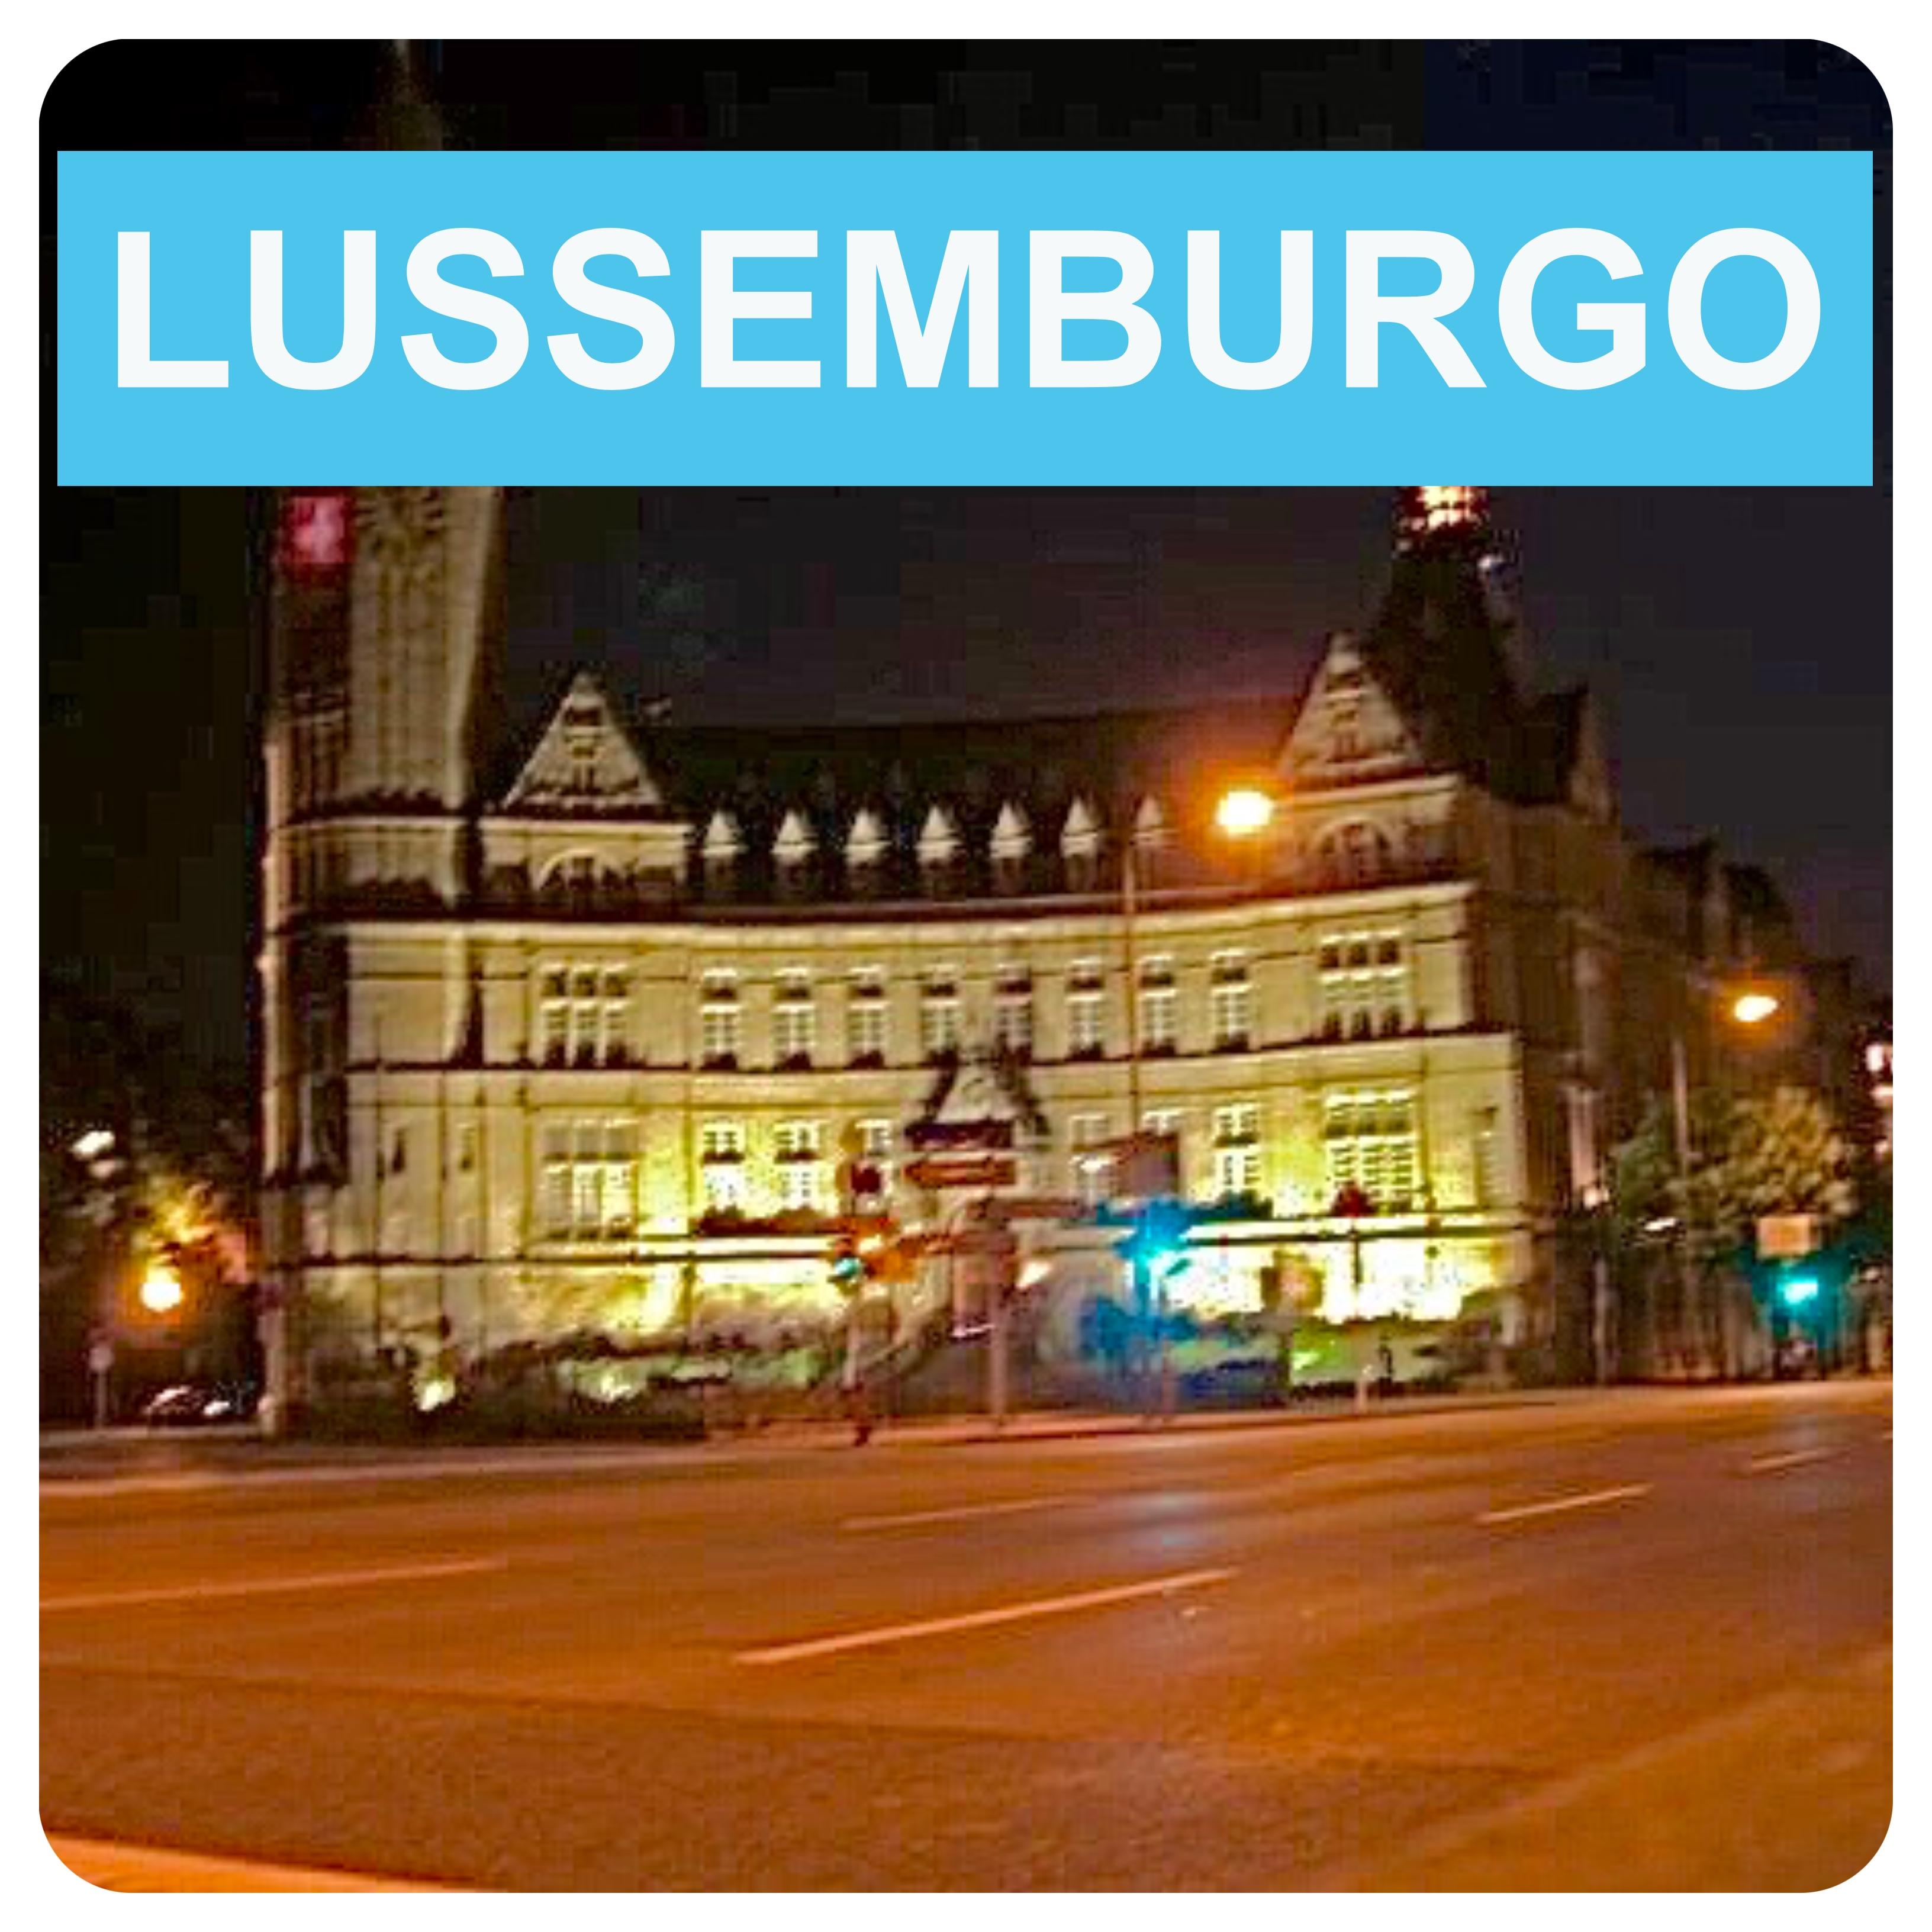 noleggio auto lussemburgo senza carta di credito